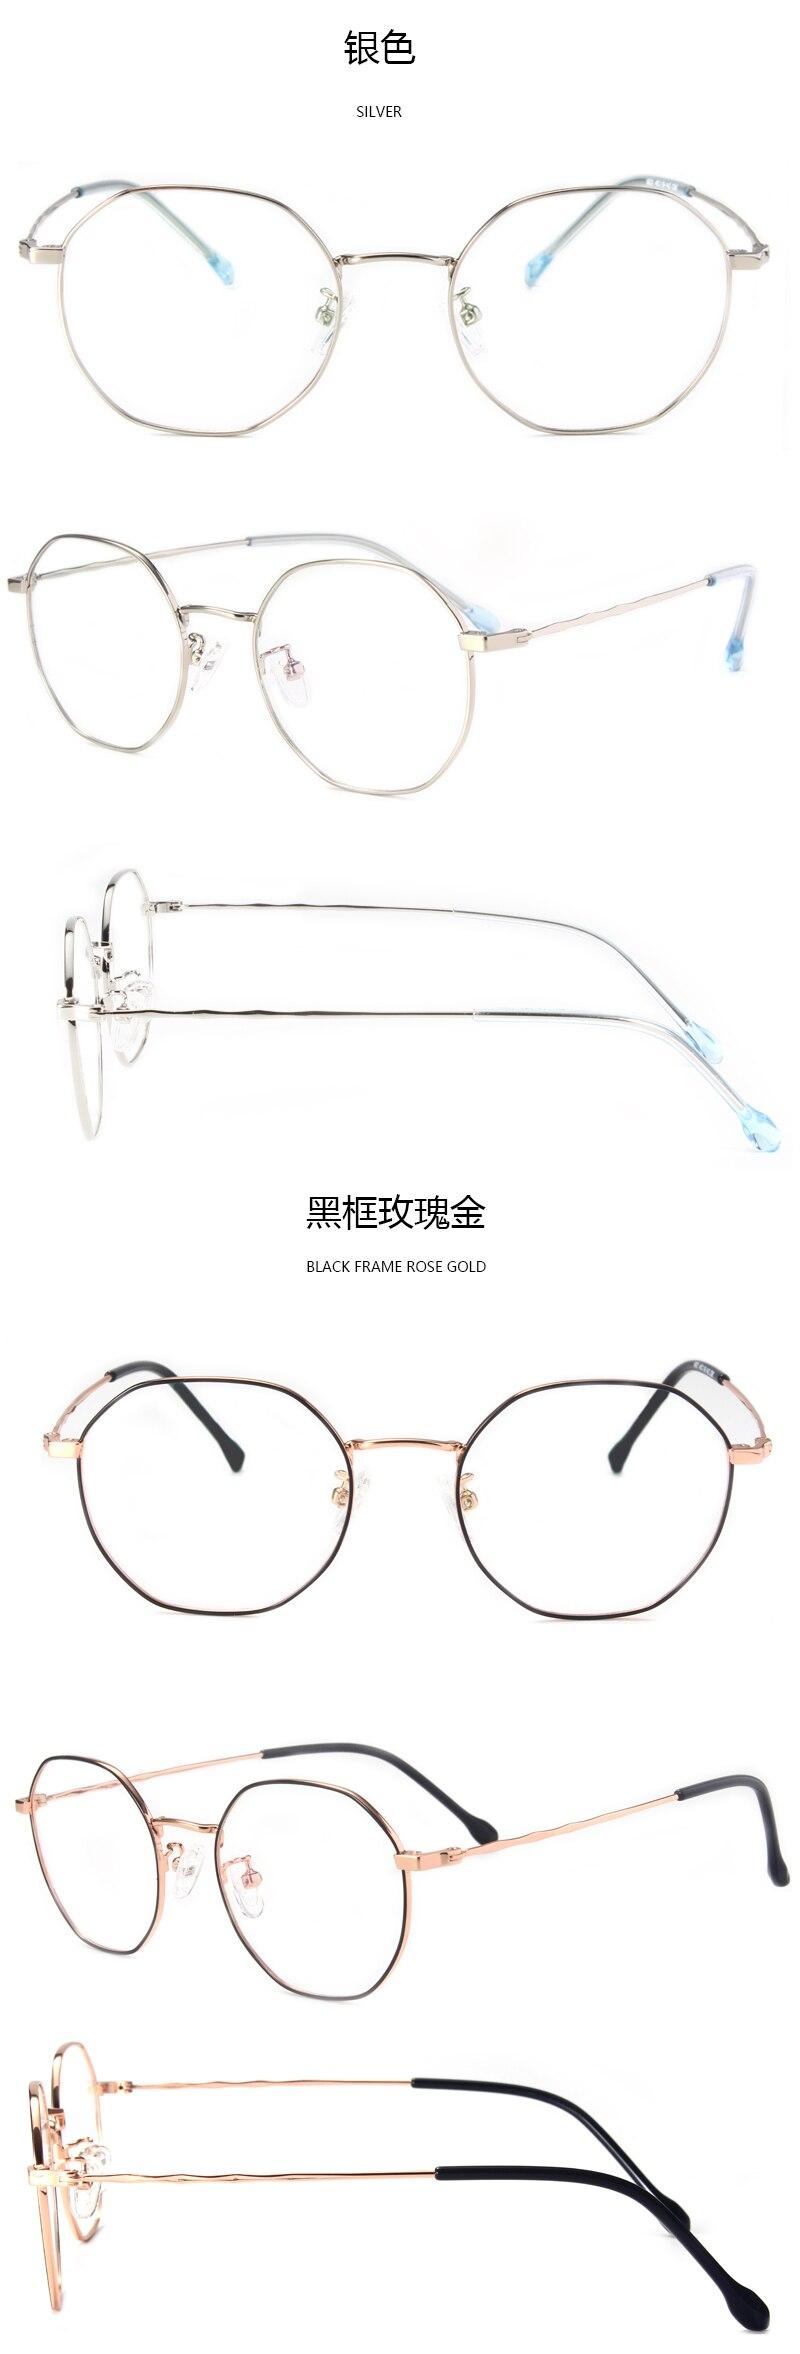 眼镜详情页_02_01_01_01_03